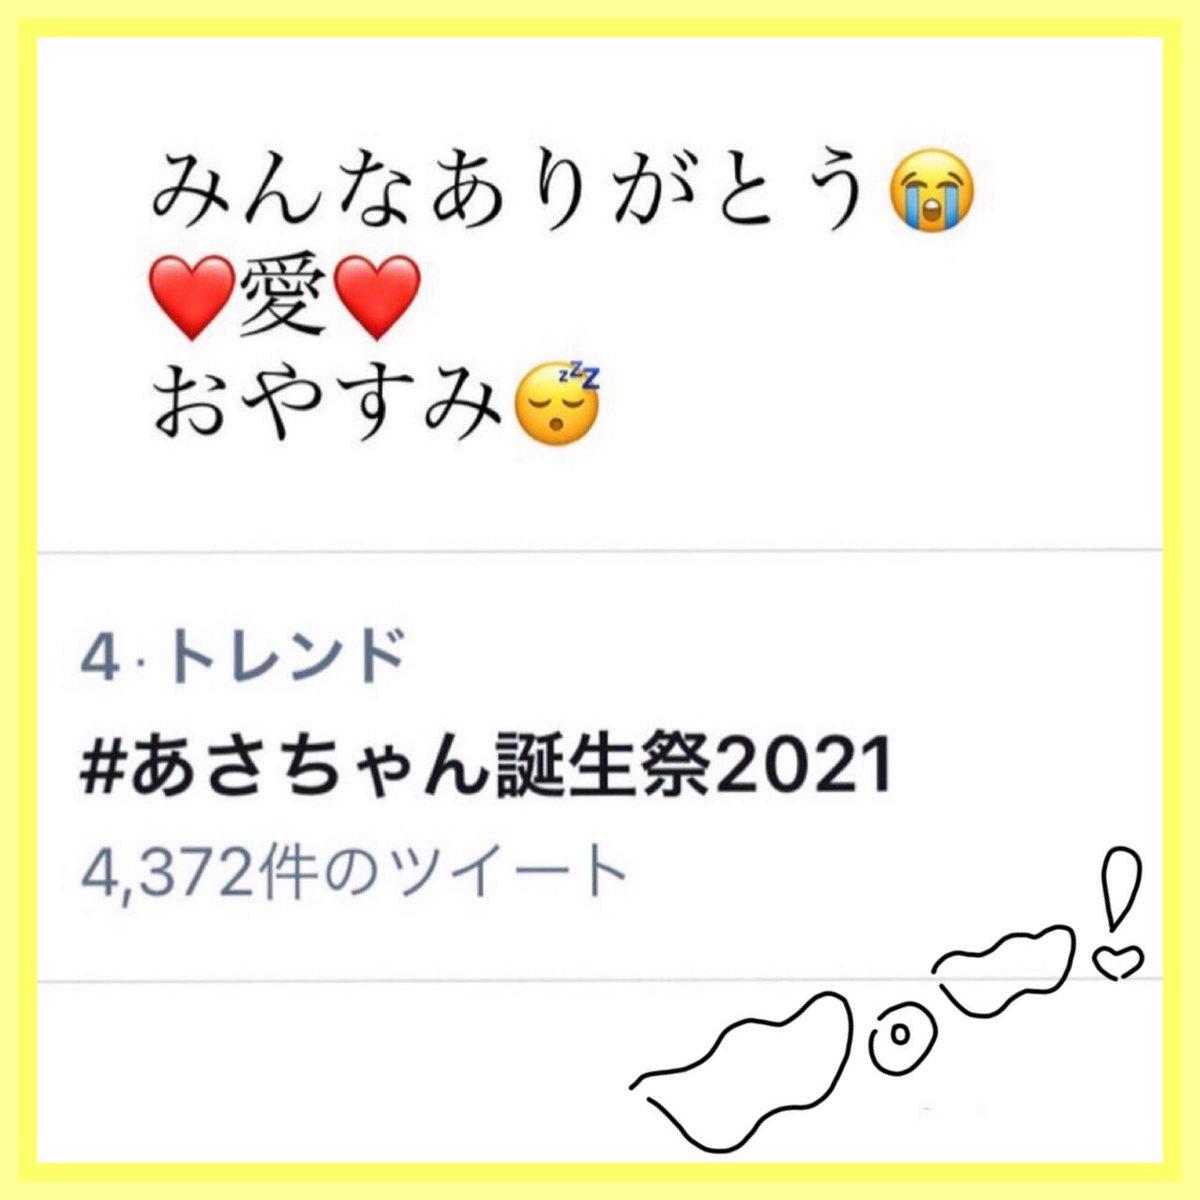 test ツイッターメディア - 🎊🎉🎂HAPPYBIRTHDAY🎂🎉🎊  🌅アサヒさん ㊗️お誕生日おめでとう💐いつも太陽のように暖かくて癒しな歌姫さん☀️素敵な一年になりますように✌️🍵🍨✌️ 🌈Looking forward to the fun Asa-chan talk from now on💛 #あさちゃん誕生祭2021 #リトグリ  🎊🎉🍟LittleGleeMonster🍟🎉🎊 https://t.co/59FRxOdOI7